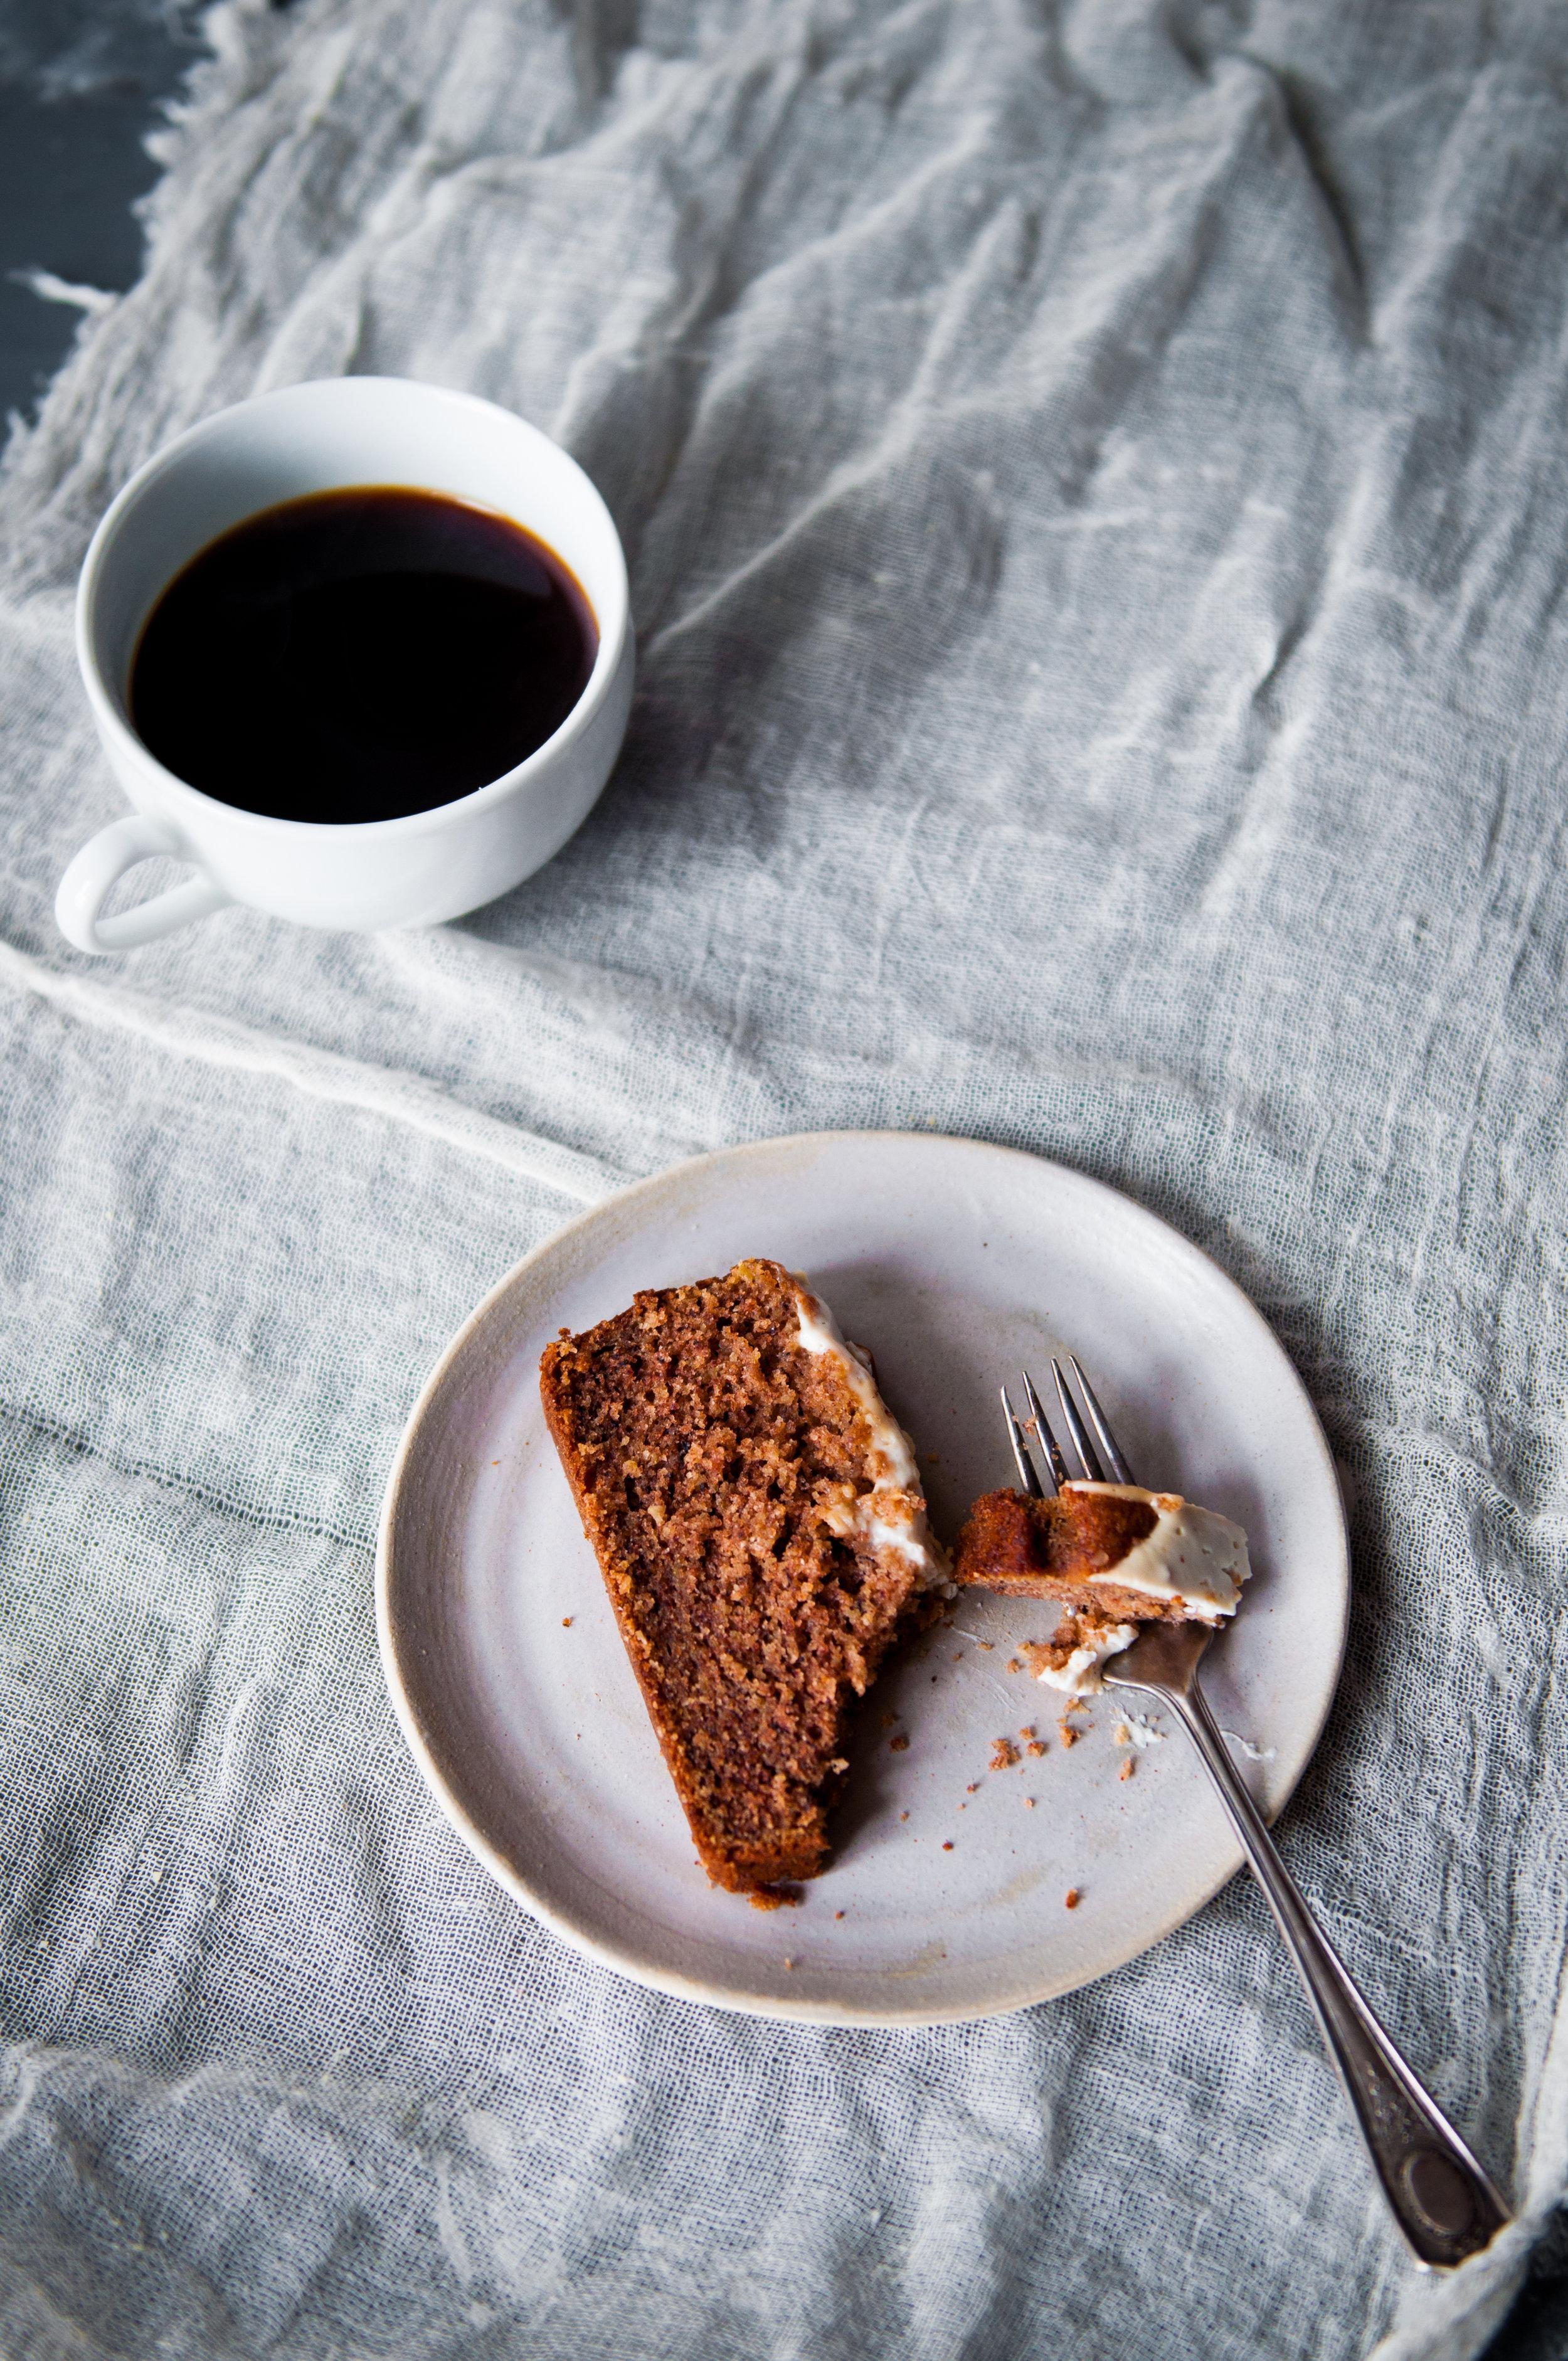 slice-banana-loaf-with-coffee.jpg